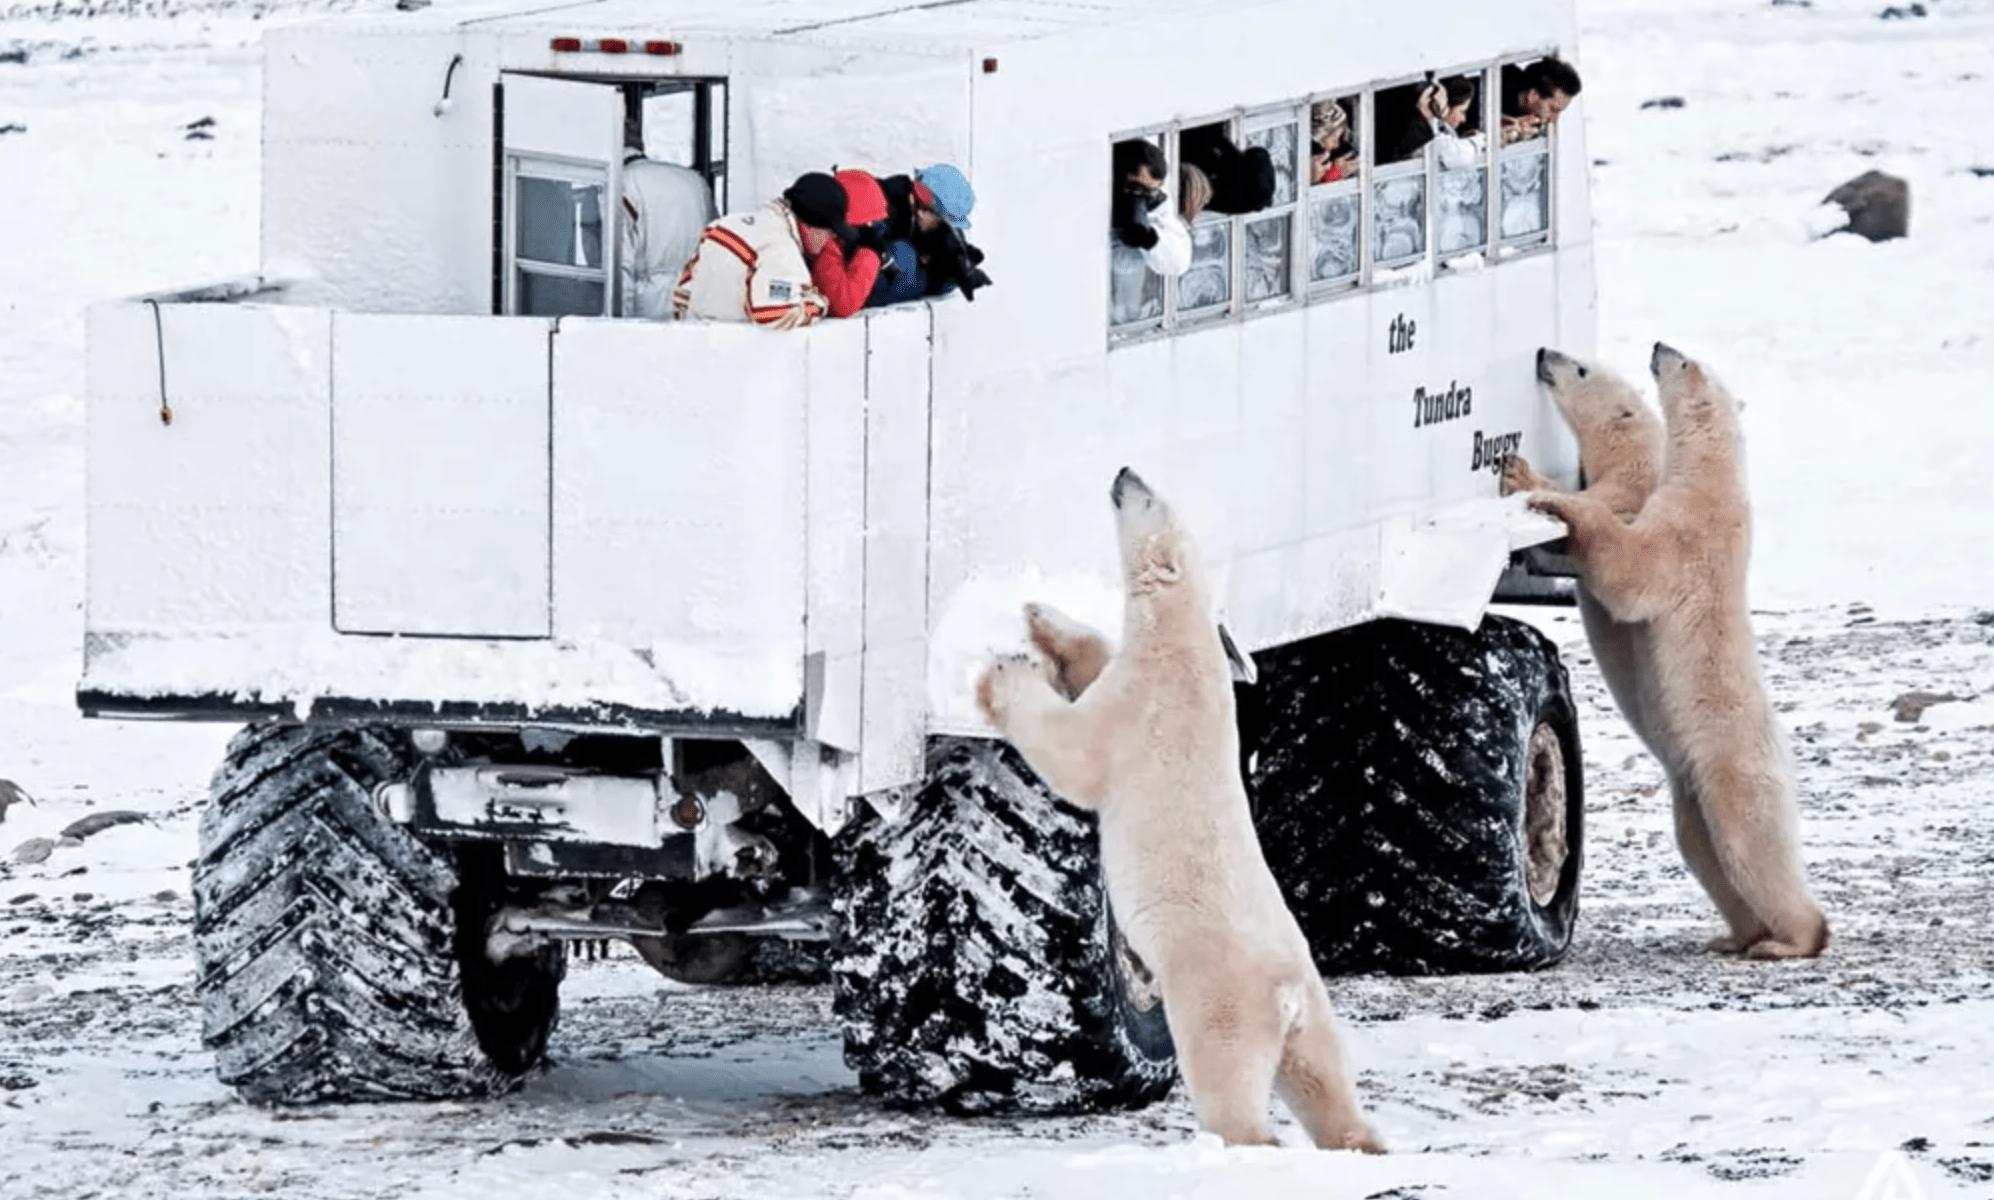 Esta semana, 8 países debatirán sobre el destino del Ártico, pero ¿por qué tanto interés en el Polo Norte?